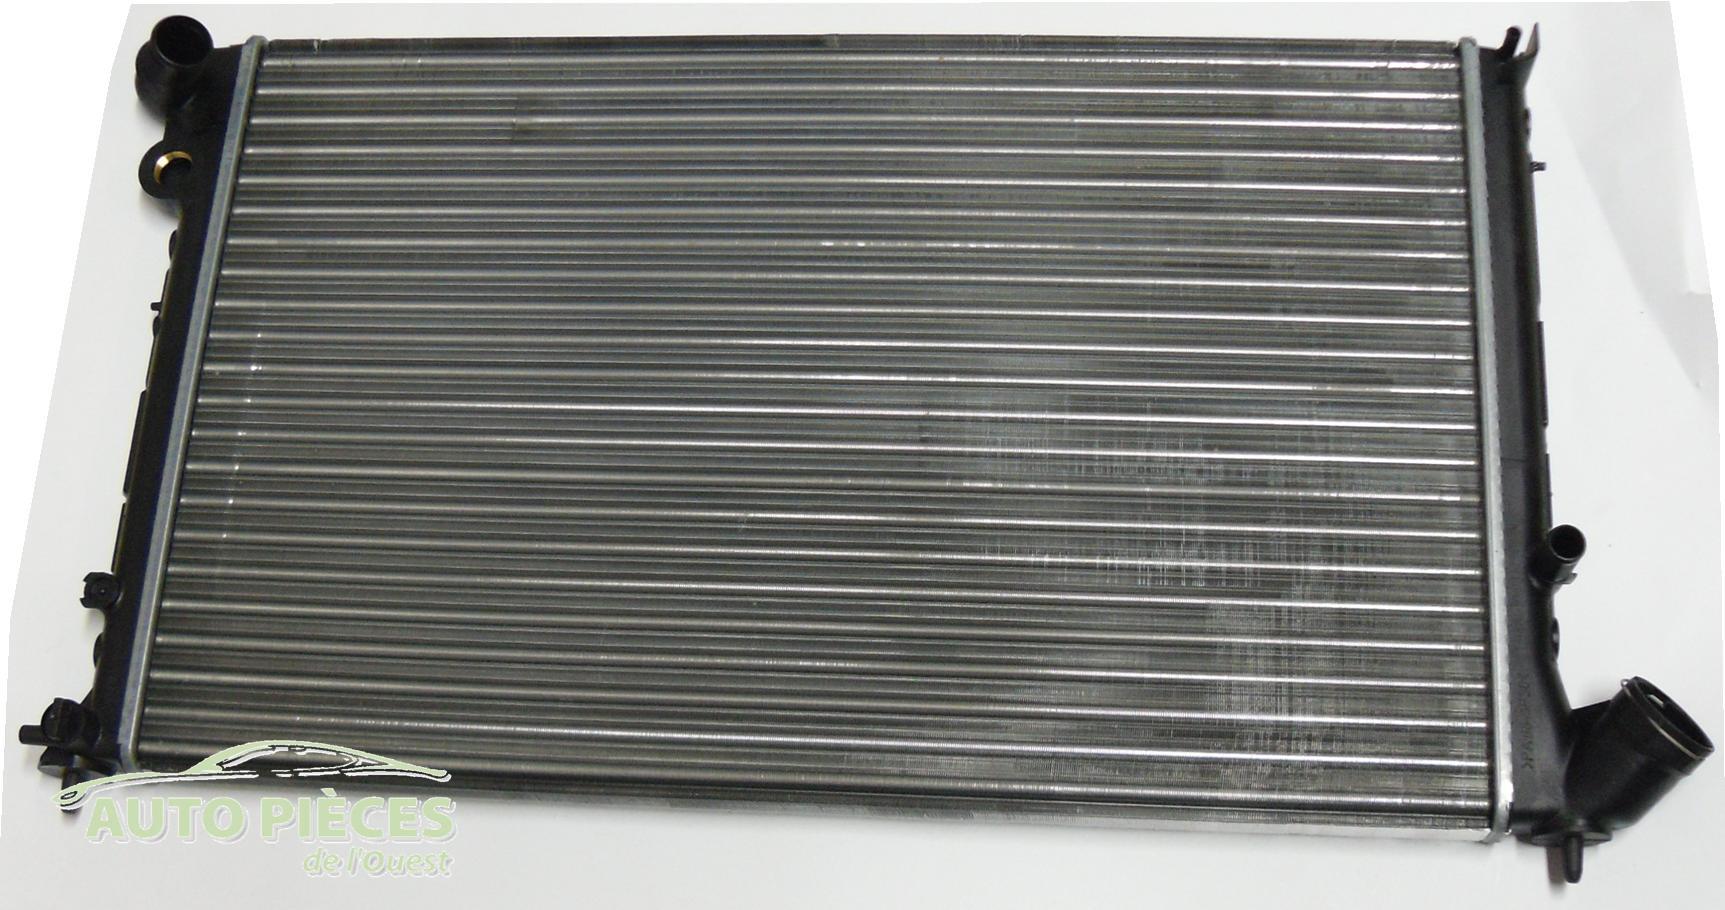 radiateur de refroidissement moteur peugeot 406 1 9 d diesel auto pi ces de l 39 ouest. Black Bedroom Furniture Sets. Home Design Ideas